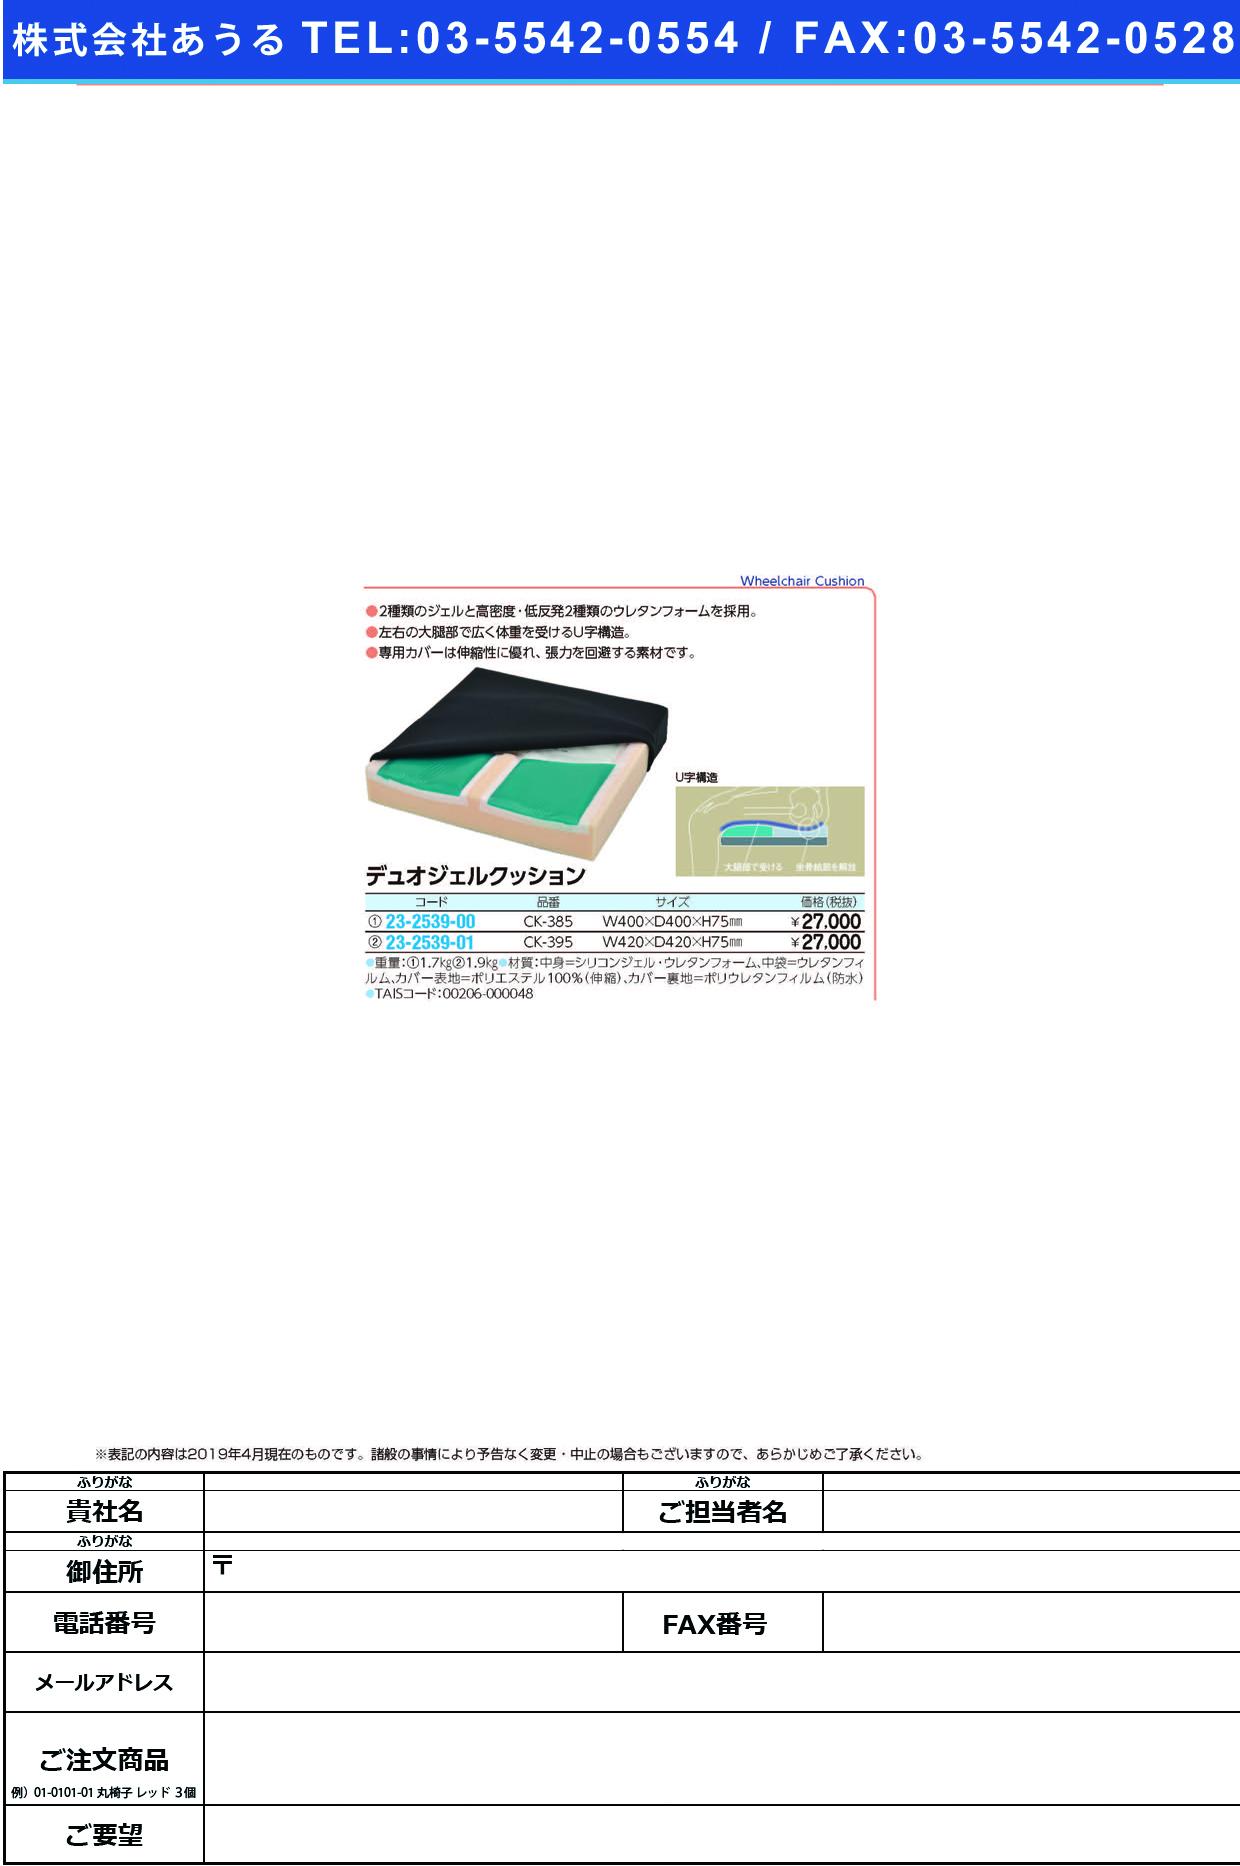 (23-2539-00)デュオジェルクッション CK-385(40X40X7.5CM) デュオジェルクッション(ケープ)【1個単位】【2019年カタログ商品】